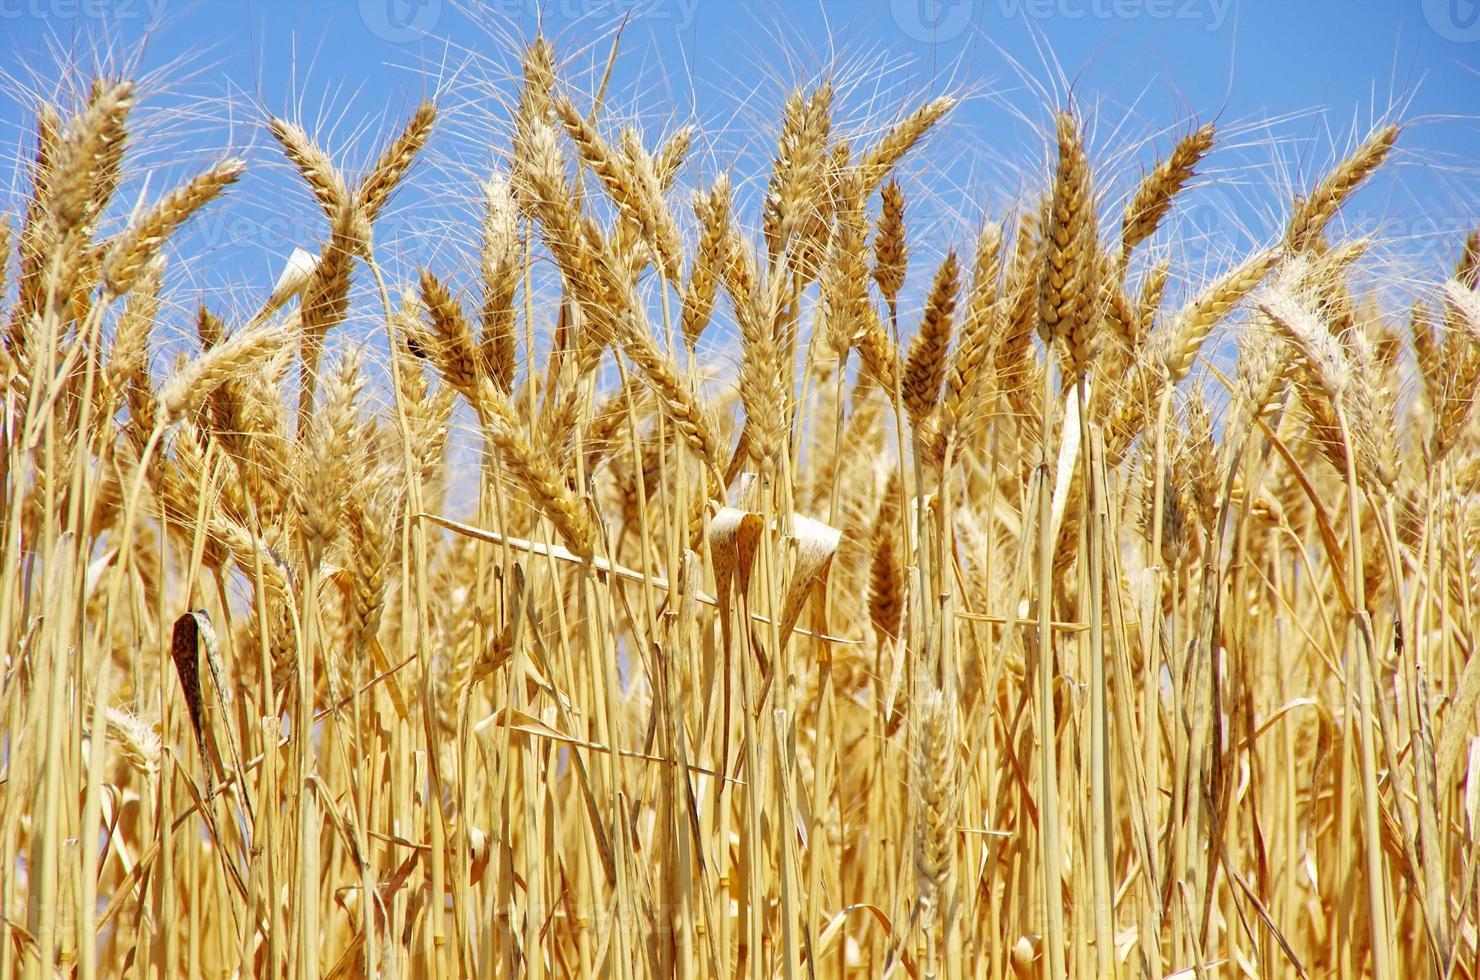 épis de blé mûrs photo